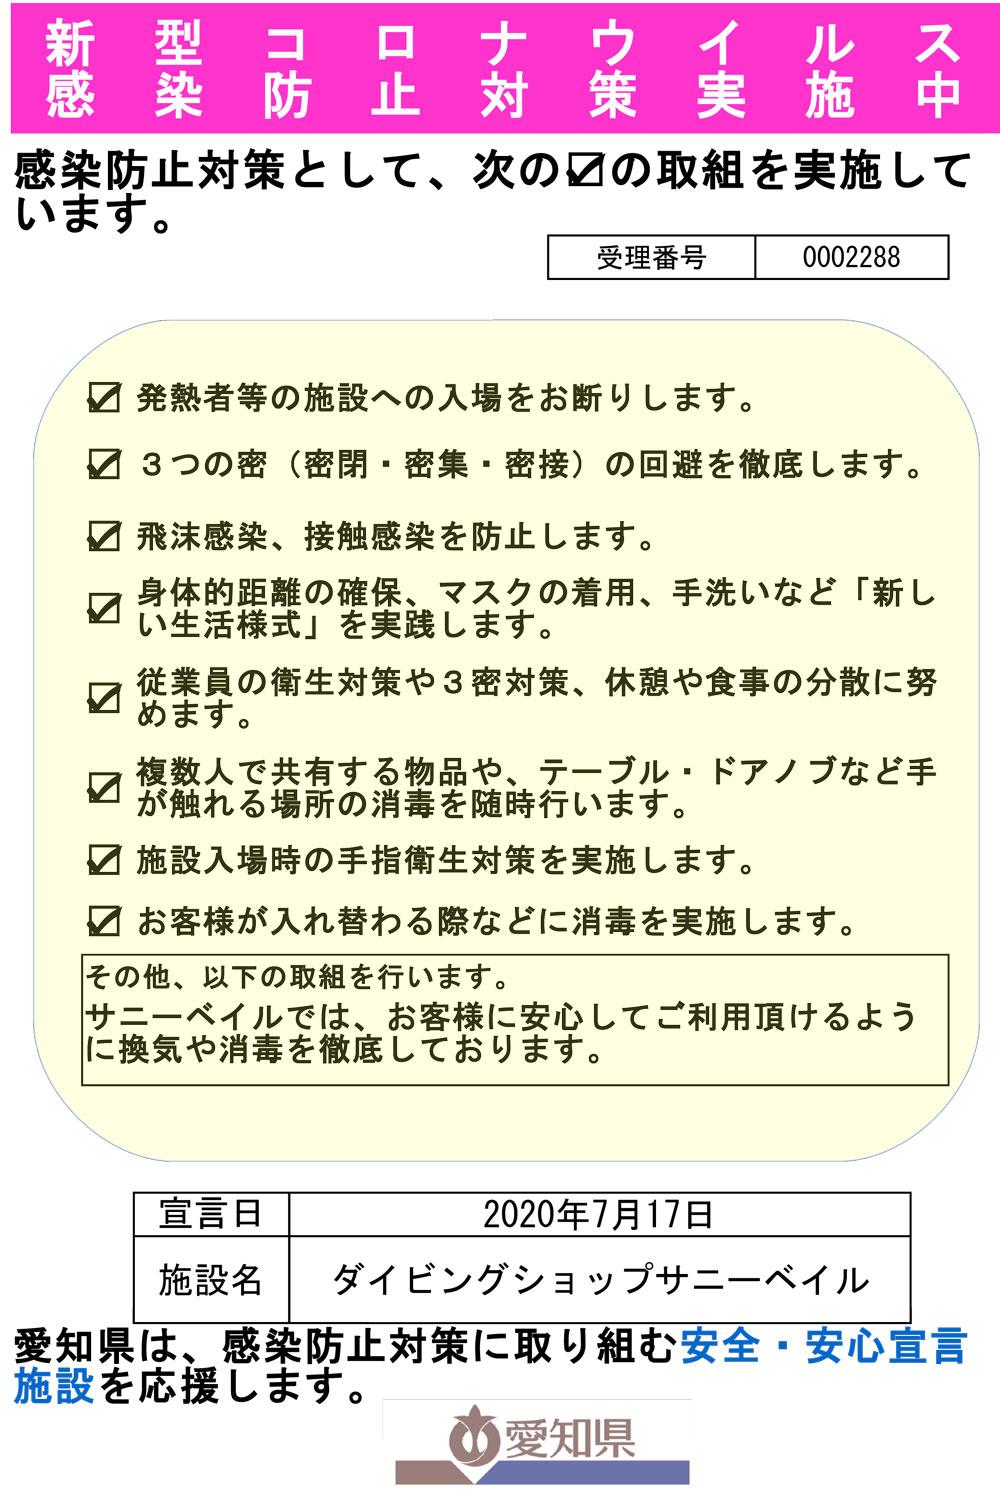 愛知県「安全・安心宣言施設」